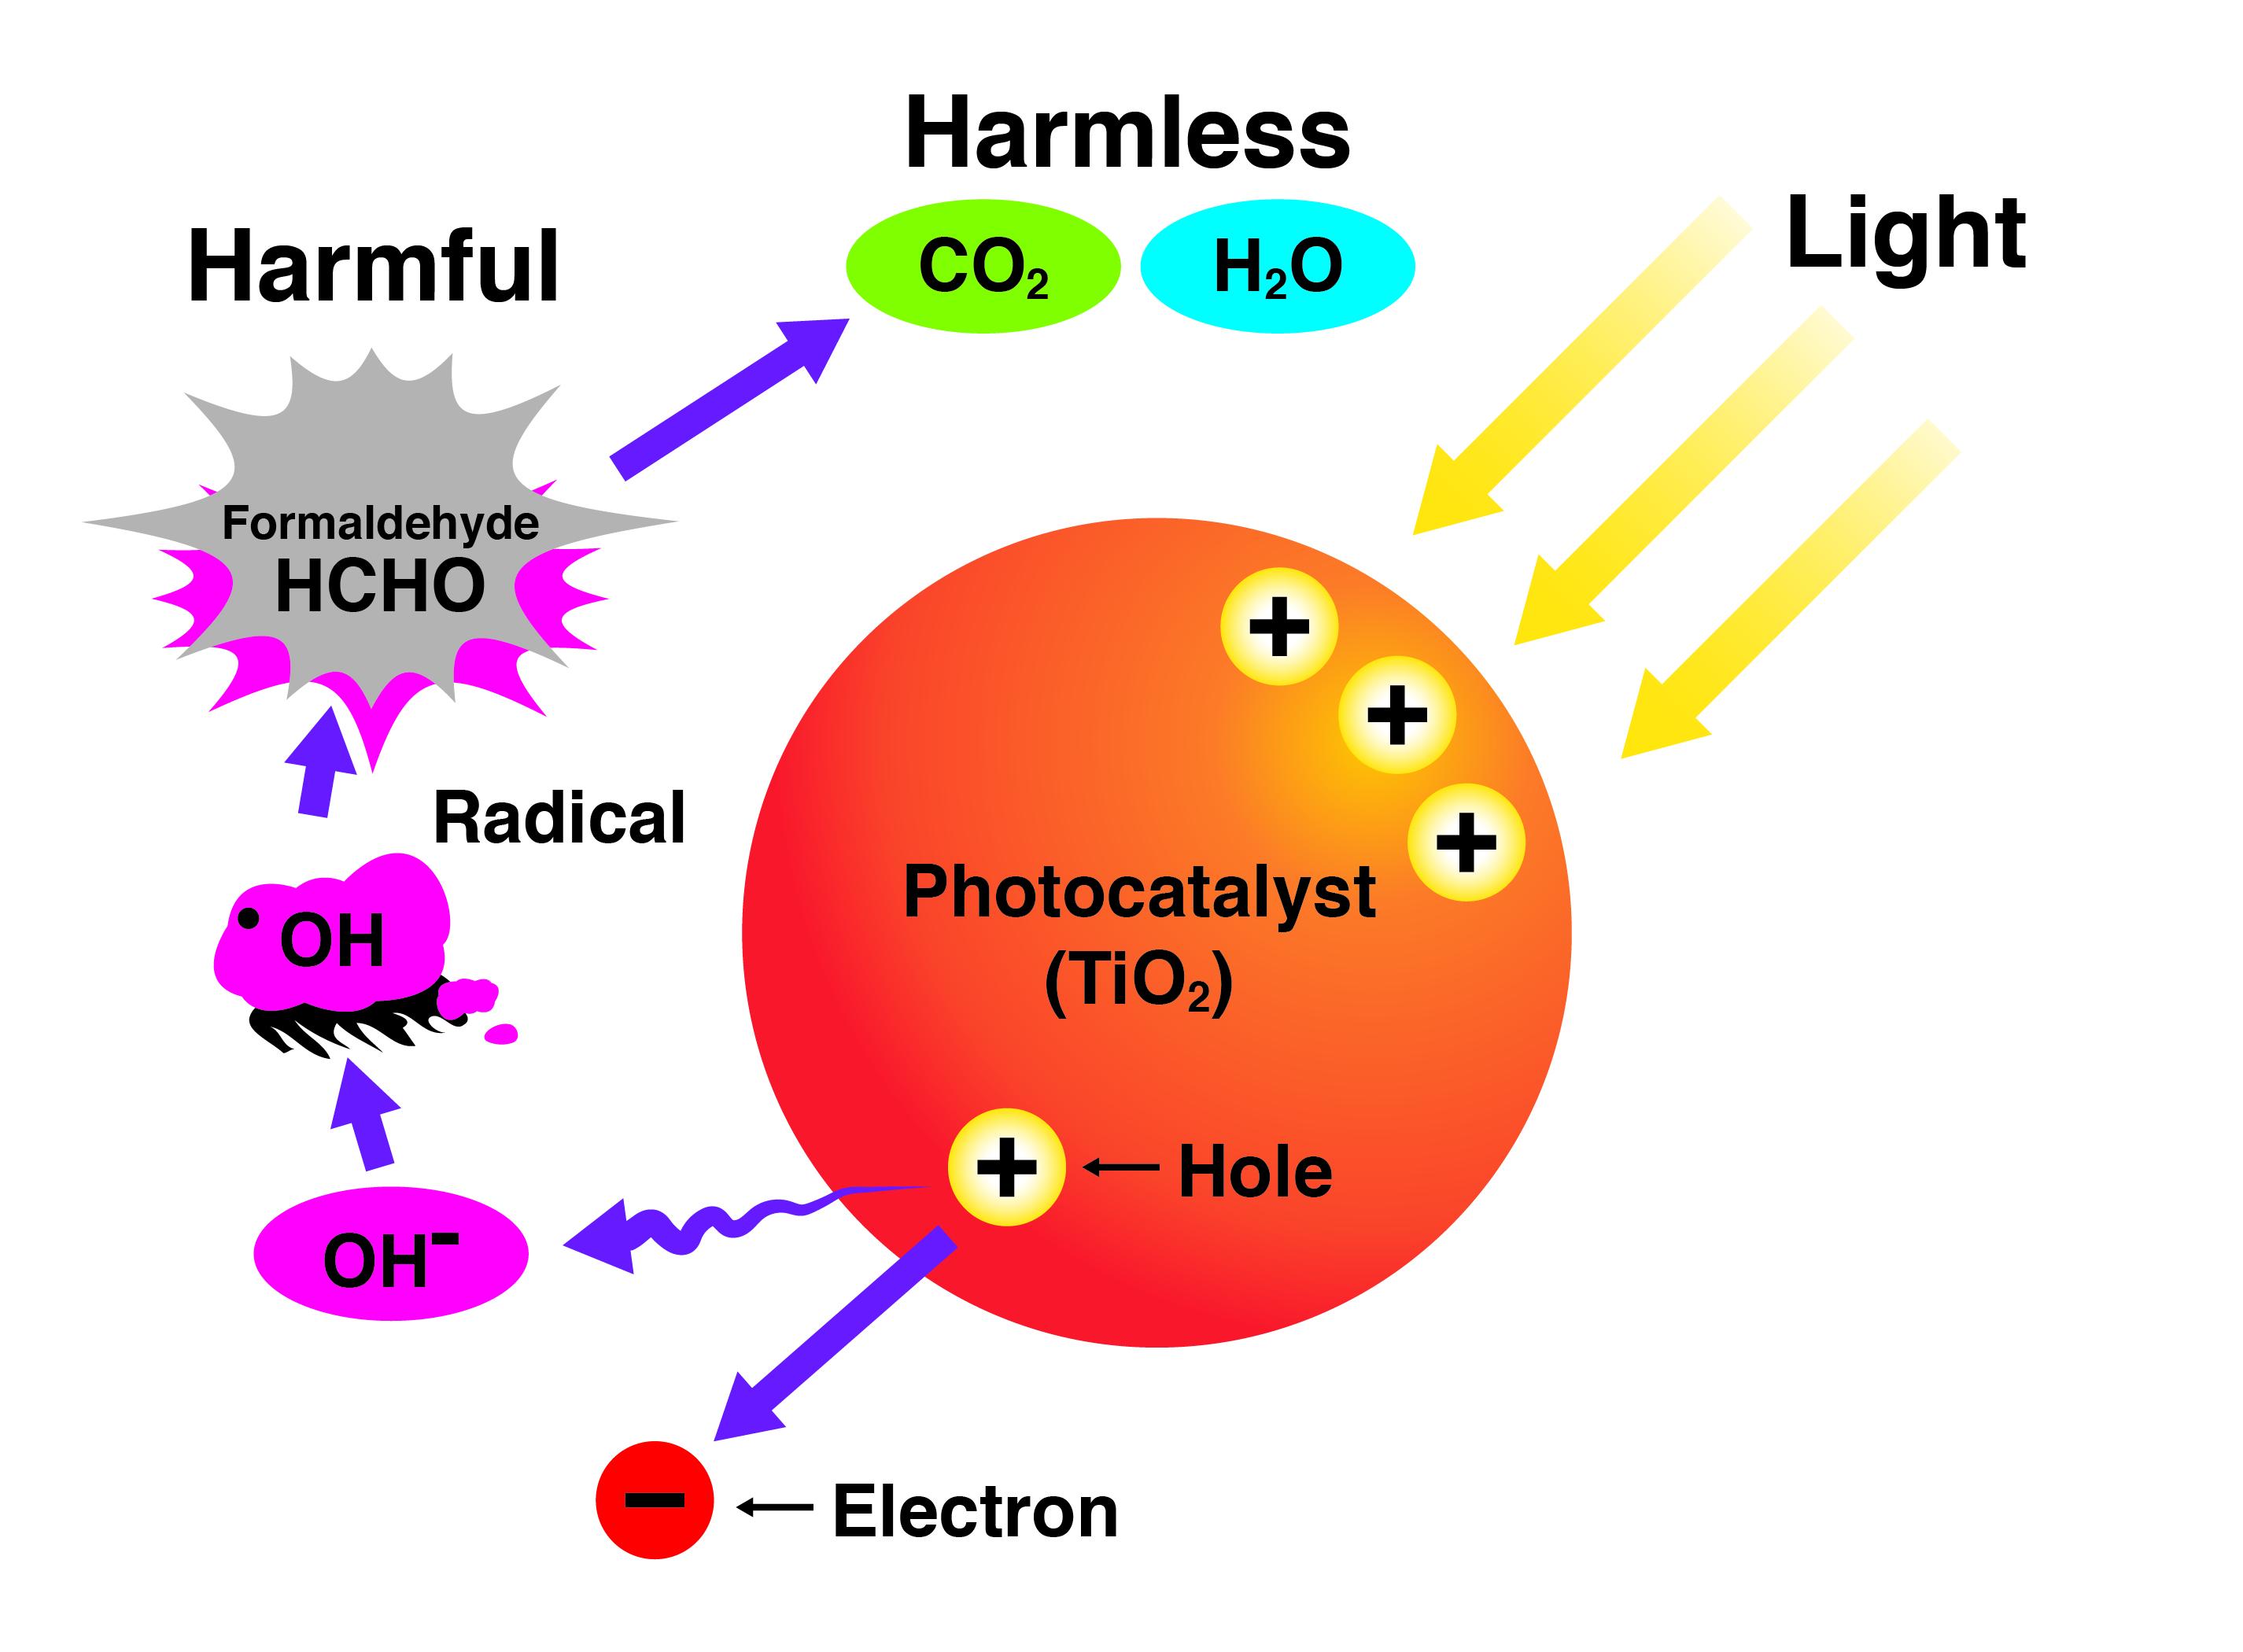 light_chemical_decomposition-en-may2019-v01